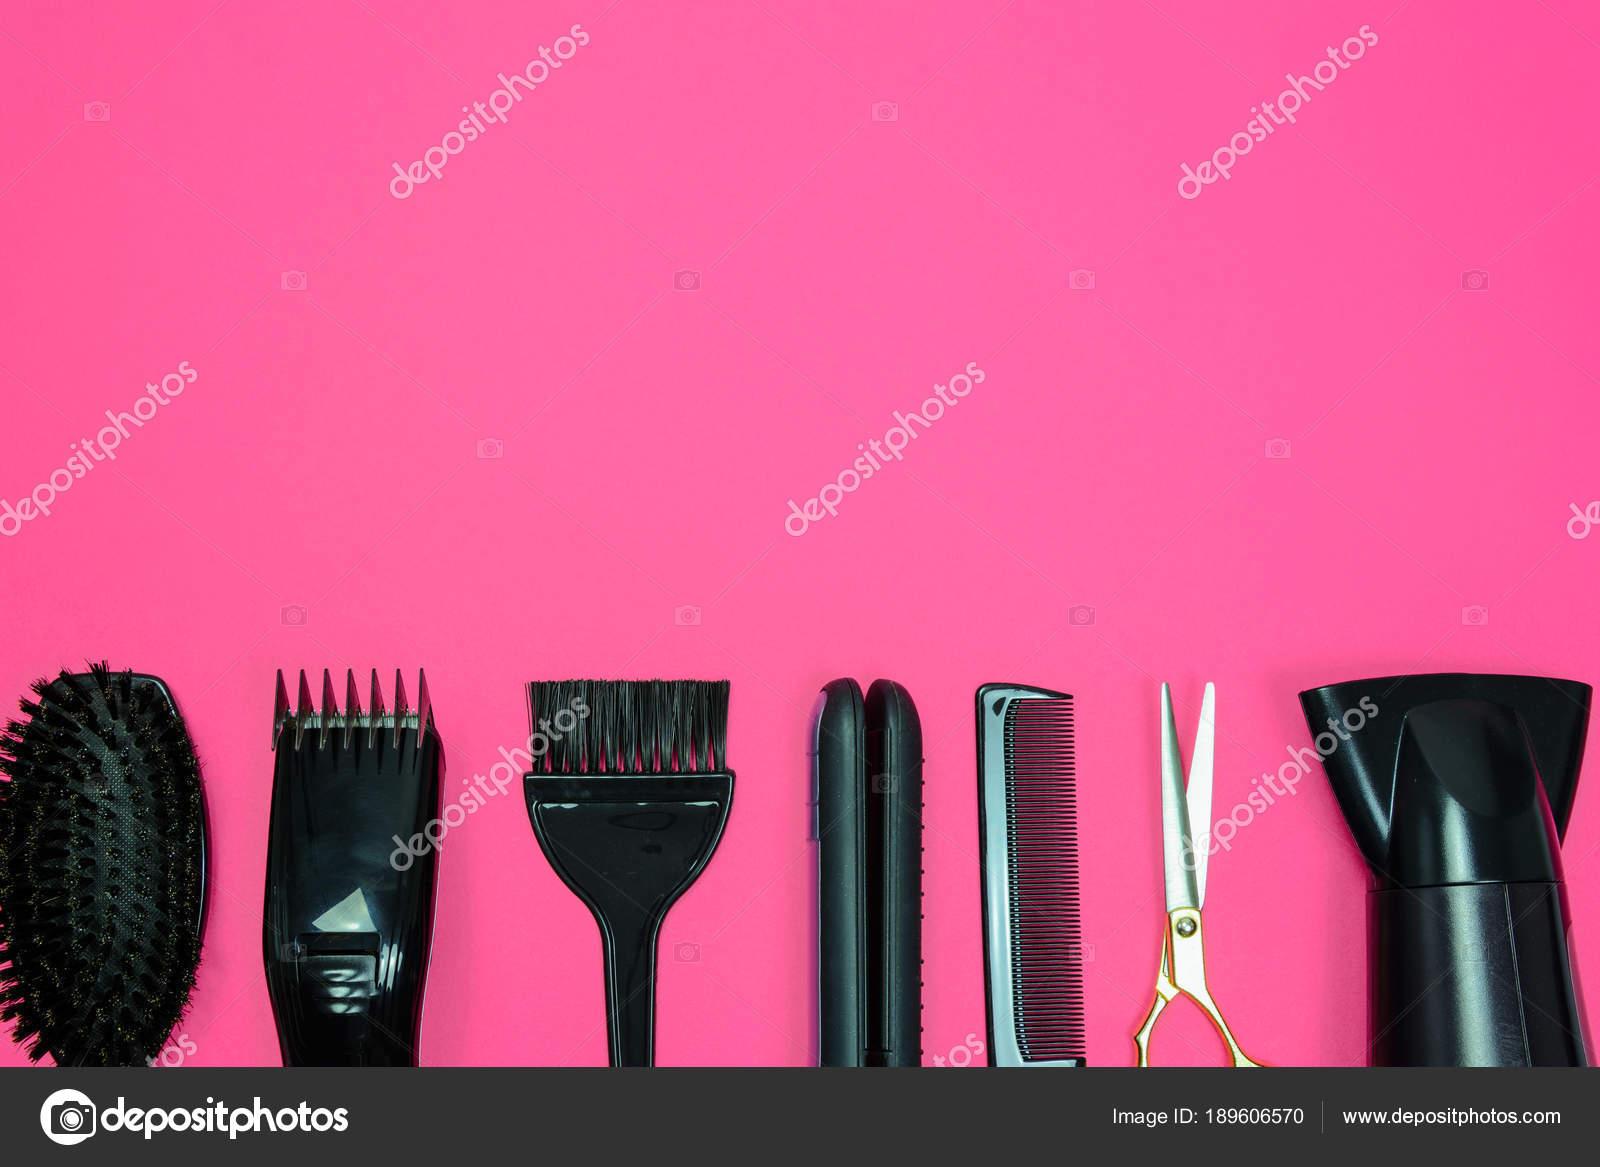 Hairdresser Salon Banner Stock Photo C Wdnet 189606570